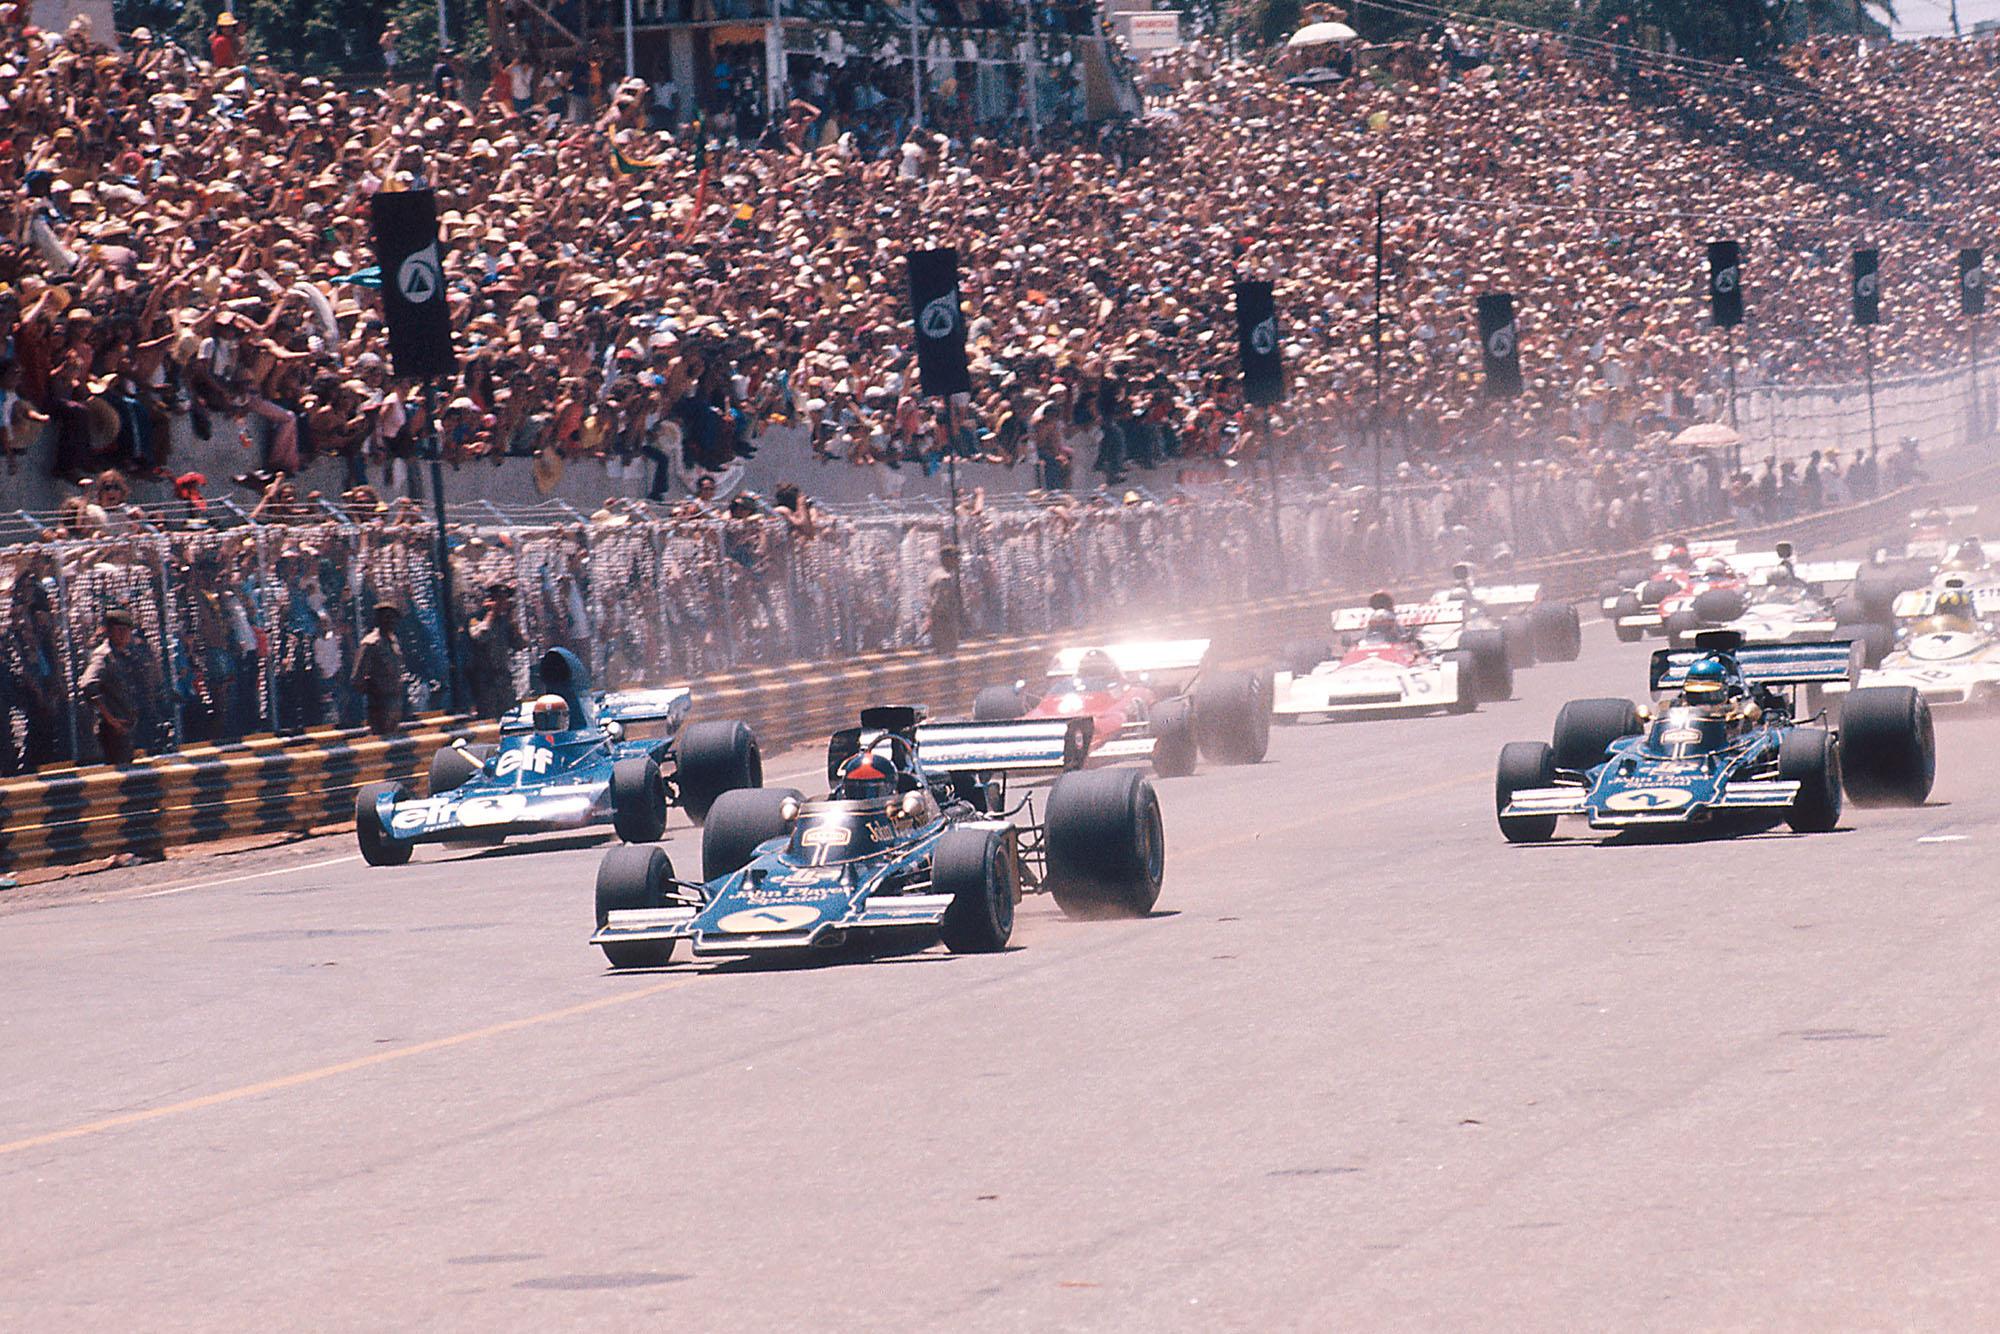 Emerson Fittipaldi (Lotus) takes the lead at the start of the 1973 Brazilian Grand Prix, Interlagos.